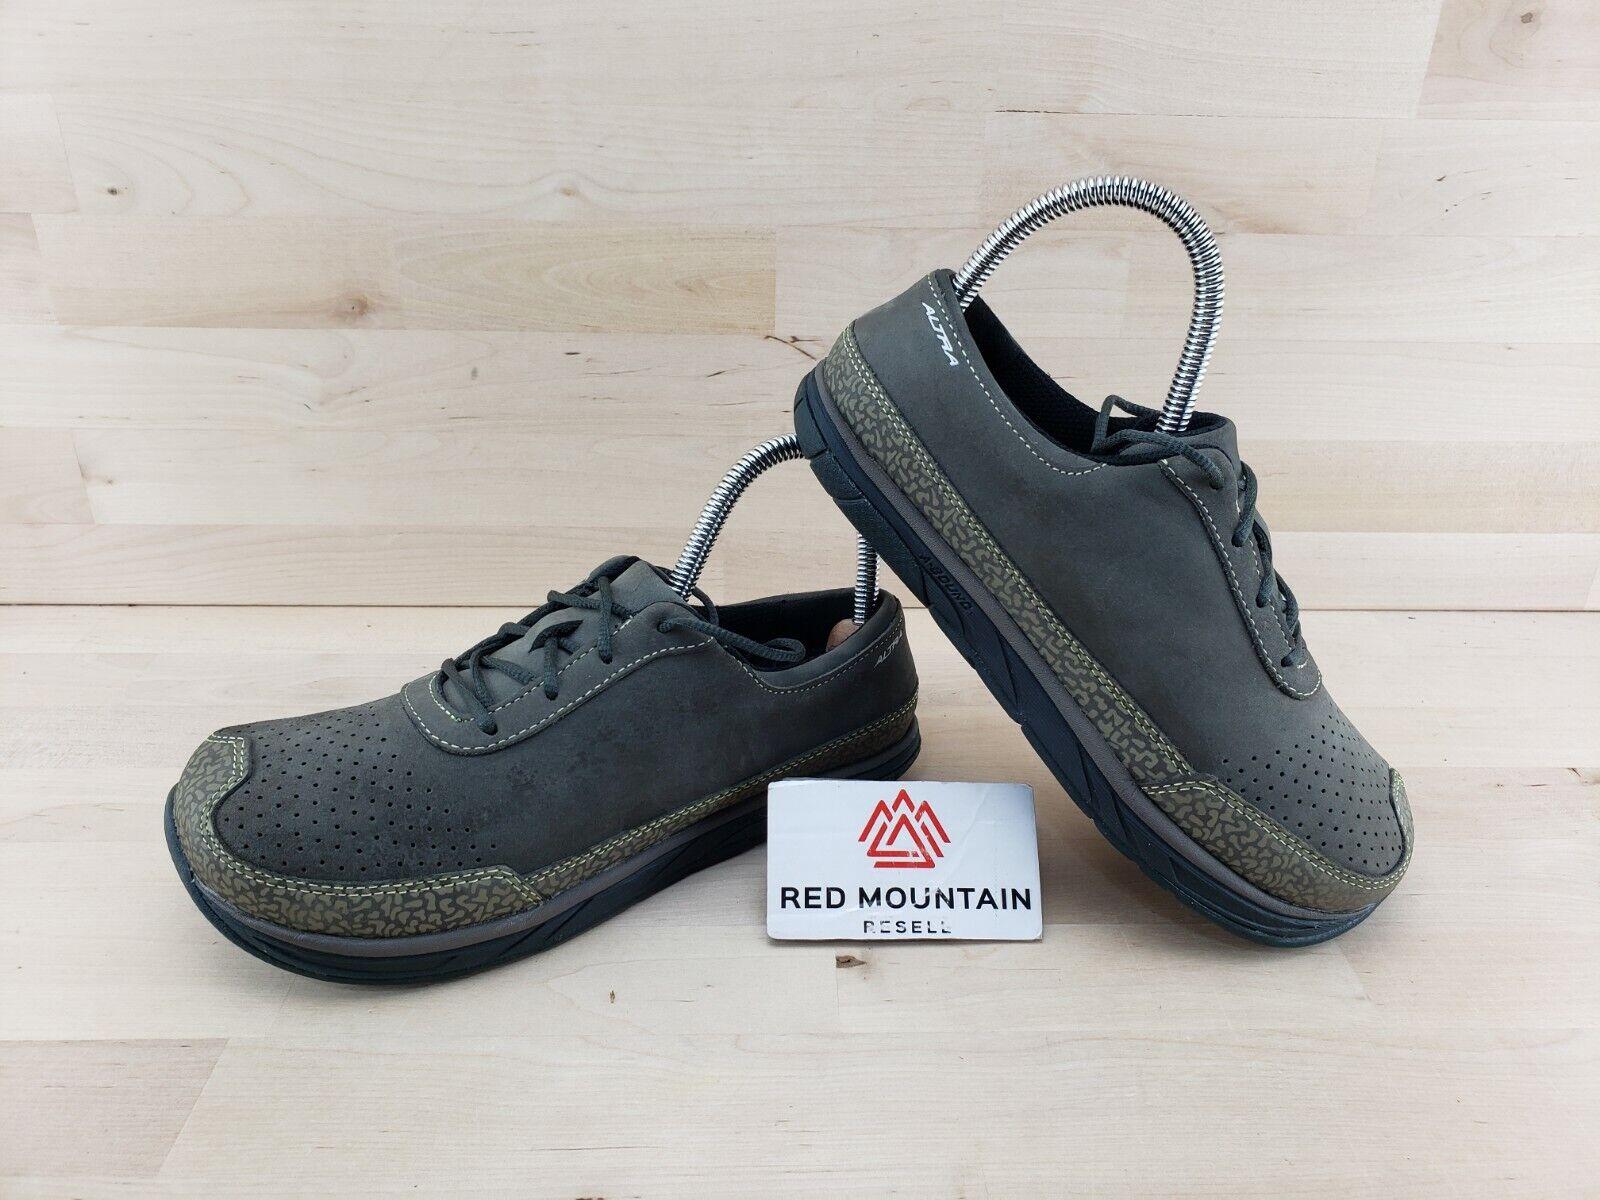 Altra Run naturel zero drop MARRON Chaussures de marche A2473-1-070 - Femme Taille 7